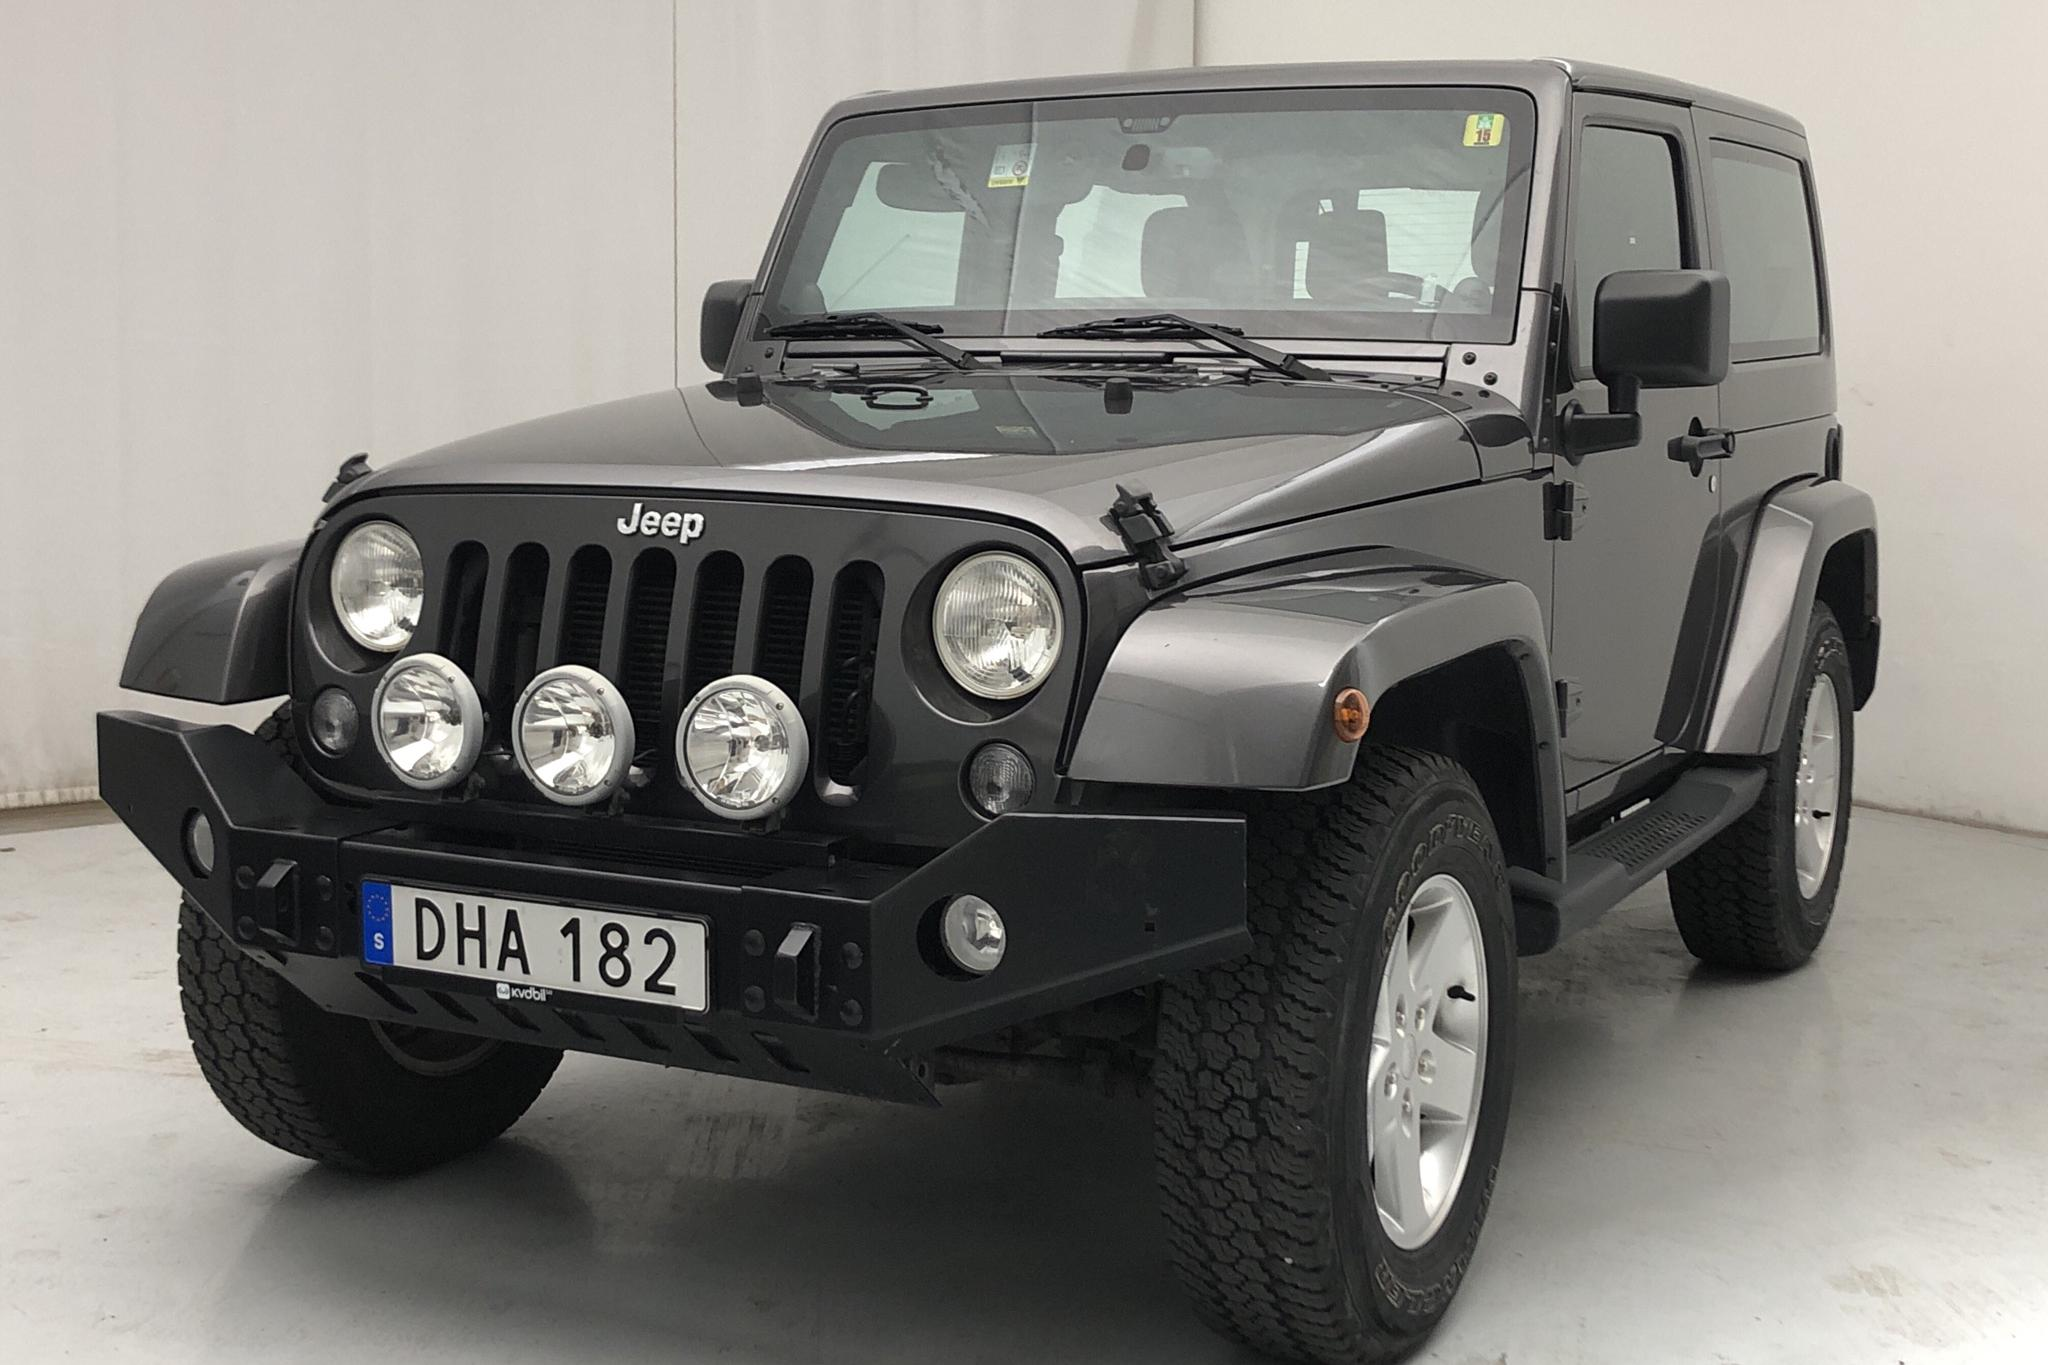 Jeep Wrangler 3.6 V6 2dr (284hk)